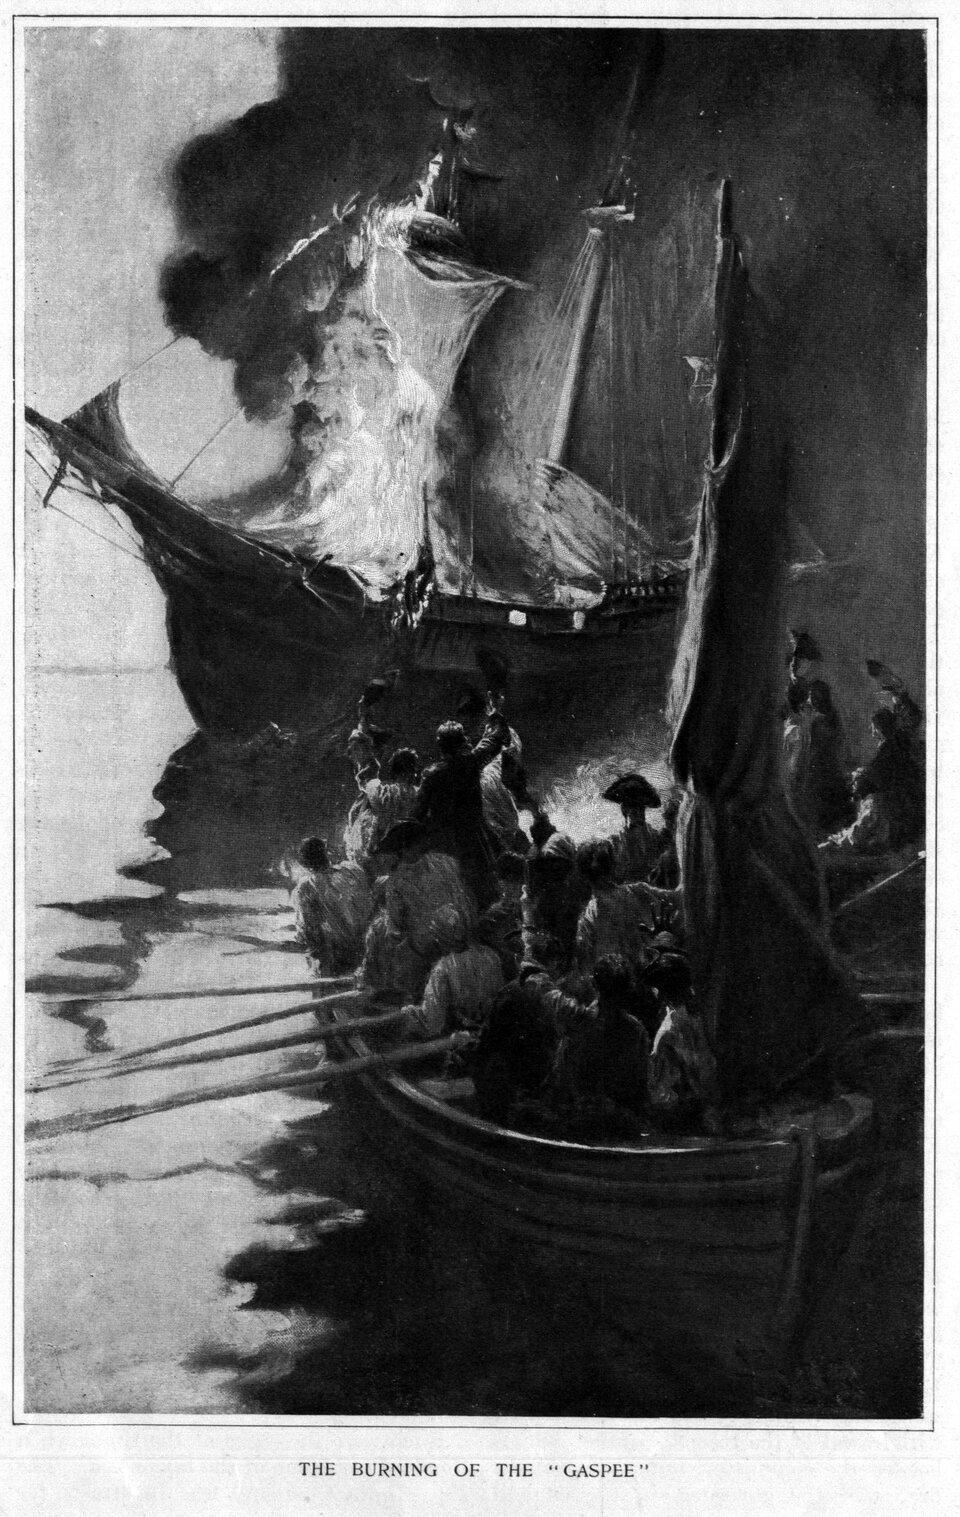 """Obrazpokazujący spalenie królewskiego okrętu przez kolonistów w1772 r. Stało się przy cyplu wstanie Rhode Island. Wydarzenie to określane było jako tzw. """"afera Gaspée"""", od nazwy zniszczonego wówczas szkunera (obecnie cyplowi także nadano nazwę Gaspée).Po zmianie taryf celnych brytyjskie okręty królewskiej marynarki strzegły wybrzeży amerykańskich, aby uniemożliwić szmuglowanie nieoclonych towarów. Ośmiodziałowy szkuner """"Gaspée"""" wczerwcu 1772 r. osiadł na mieliźnie iwówczas tzw. """"synowie wolności"""" - czyli zwalczający administrację brytyjską zwolennicy niezależności - podpłynęli do okrętu ipodpalili go. Władze powołały specjalną komisję, która miała ustalić sprawców iich ukarać, ale powszechne poparcie dla tego czynu iniechęć do współpracy mieszkańców uniemożliwiły ukaranie winnych. Obrazpokazujący spalenie królewskiego okrętu przez kolonistów w1772 r. Stało się przy cyplu wstanie Rhode Island. Wydarzenie to określane było jako tzw. """"afera Gaspée"""", od nazwy zniszczonego wówczas szkunera (obecnie cyplowi także nadano nazwę Gaspée).Po zmianie taryf celnych brytyjskie okręty królewskiej marynarki strzegły wybrzeży amerykańskich, aby uniemożliwić szmuglowanie nieoclonych towarów. Ośmiodziałowy szkuner """"Gaspée"""" wczerwcu 1772 r. osiadł na mieliźnie iwówczas tzw. """"synowie wolności"""" - czyli zwalczający administrację brytyjską zwolennicy niezależności - podpłynęli do okrętu ipodpalili go. Władze powołały specjalną komisję, która miała ustalić sprawców iich ukarać, ale powszechne poparcie dla tego czynu iniechęć do współpracy mieszkańców uniemożliwiły ukaranie winnych. Źródło: Harper & Brothers, 1883, domena publiczna."""